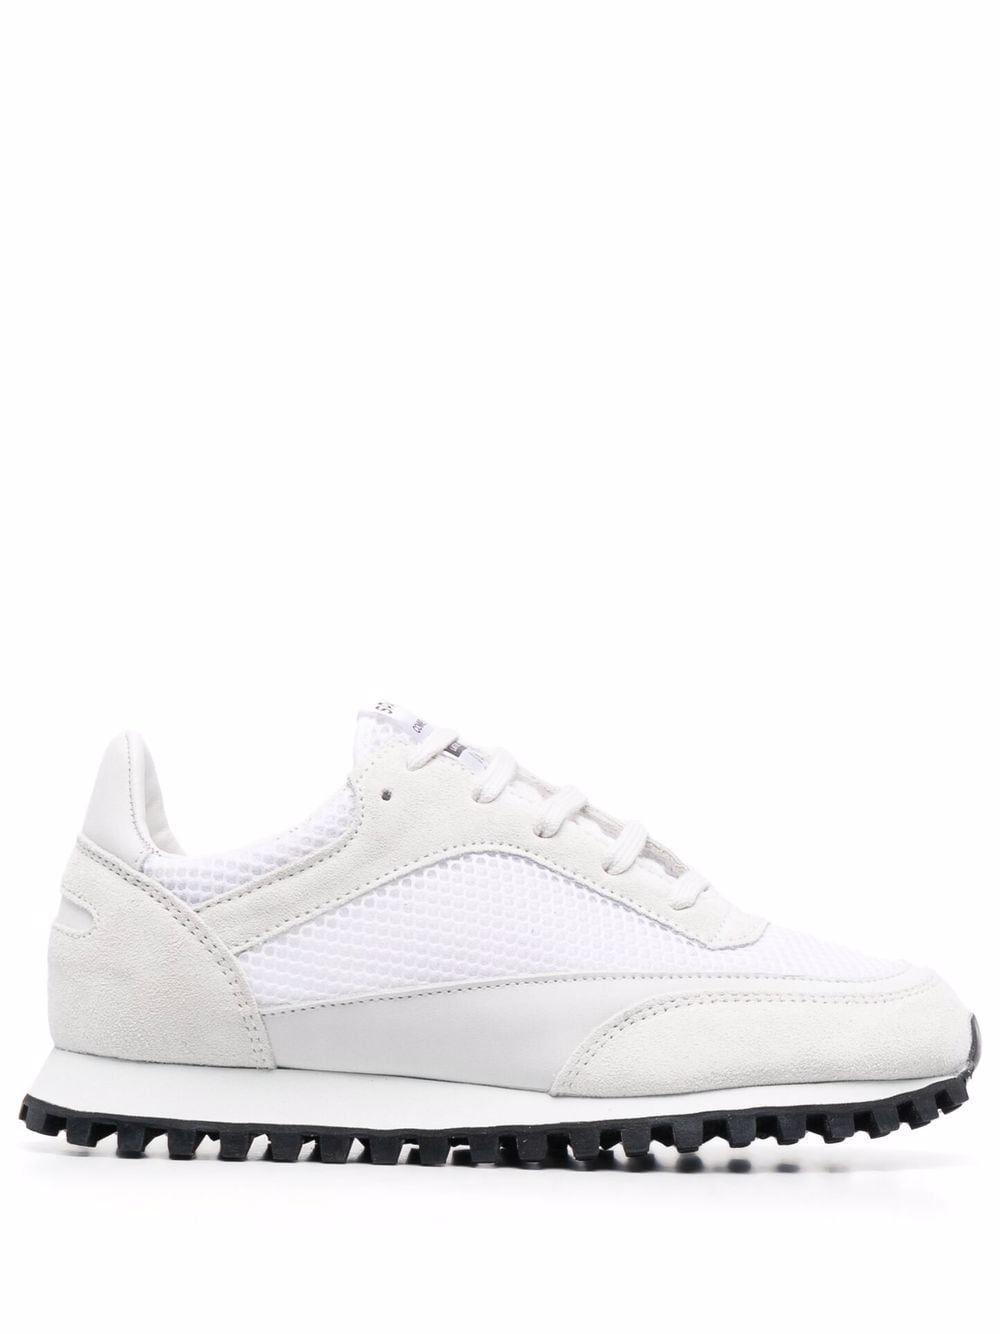 Sneaker comme des garÇons x spalwart